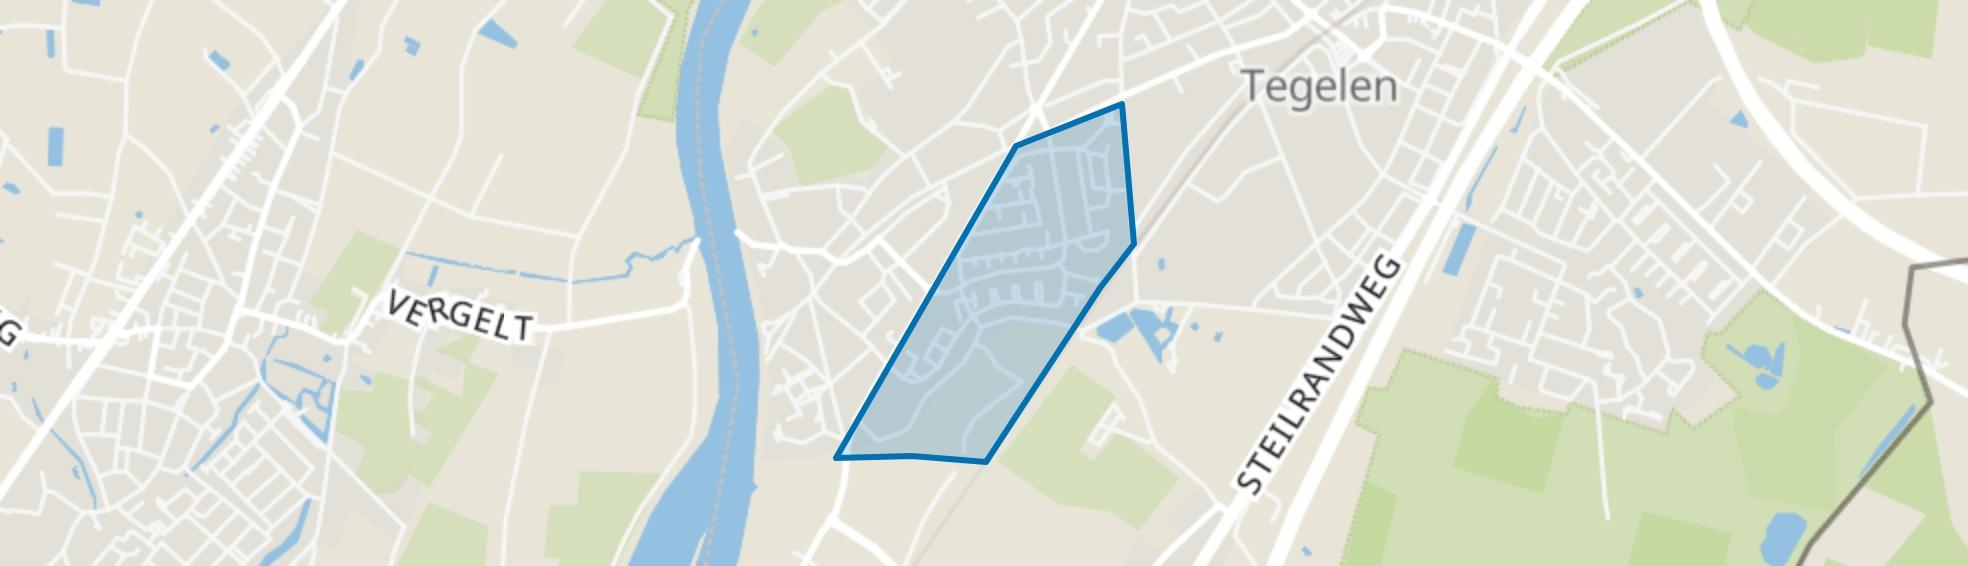 Nieuw-Steyl, Steyl map